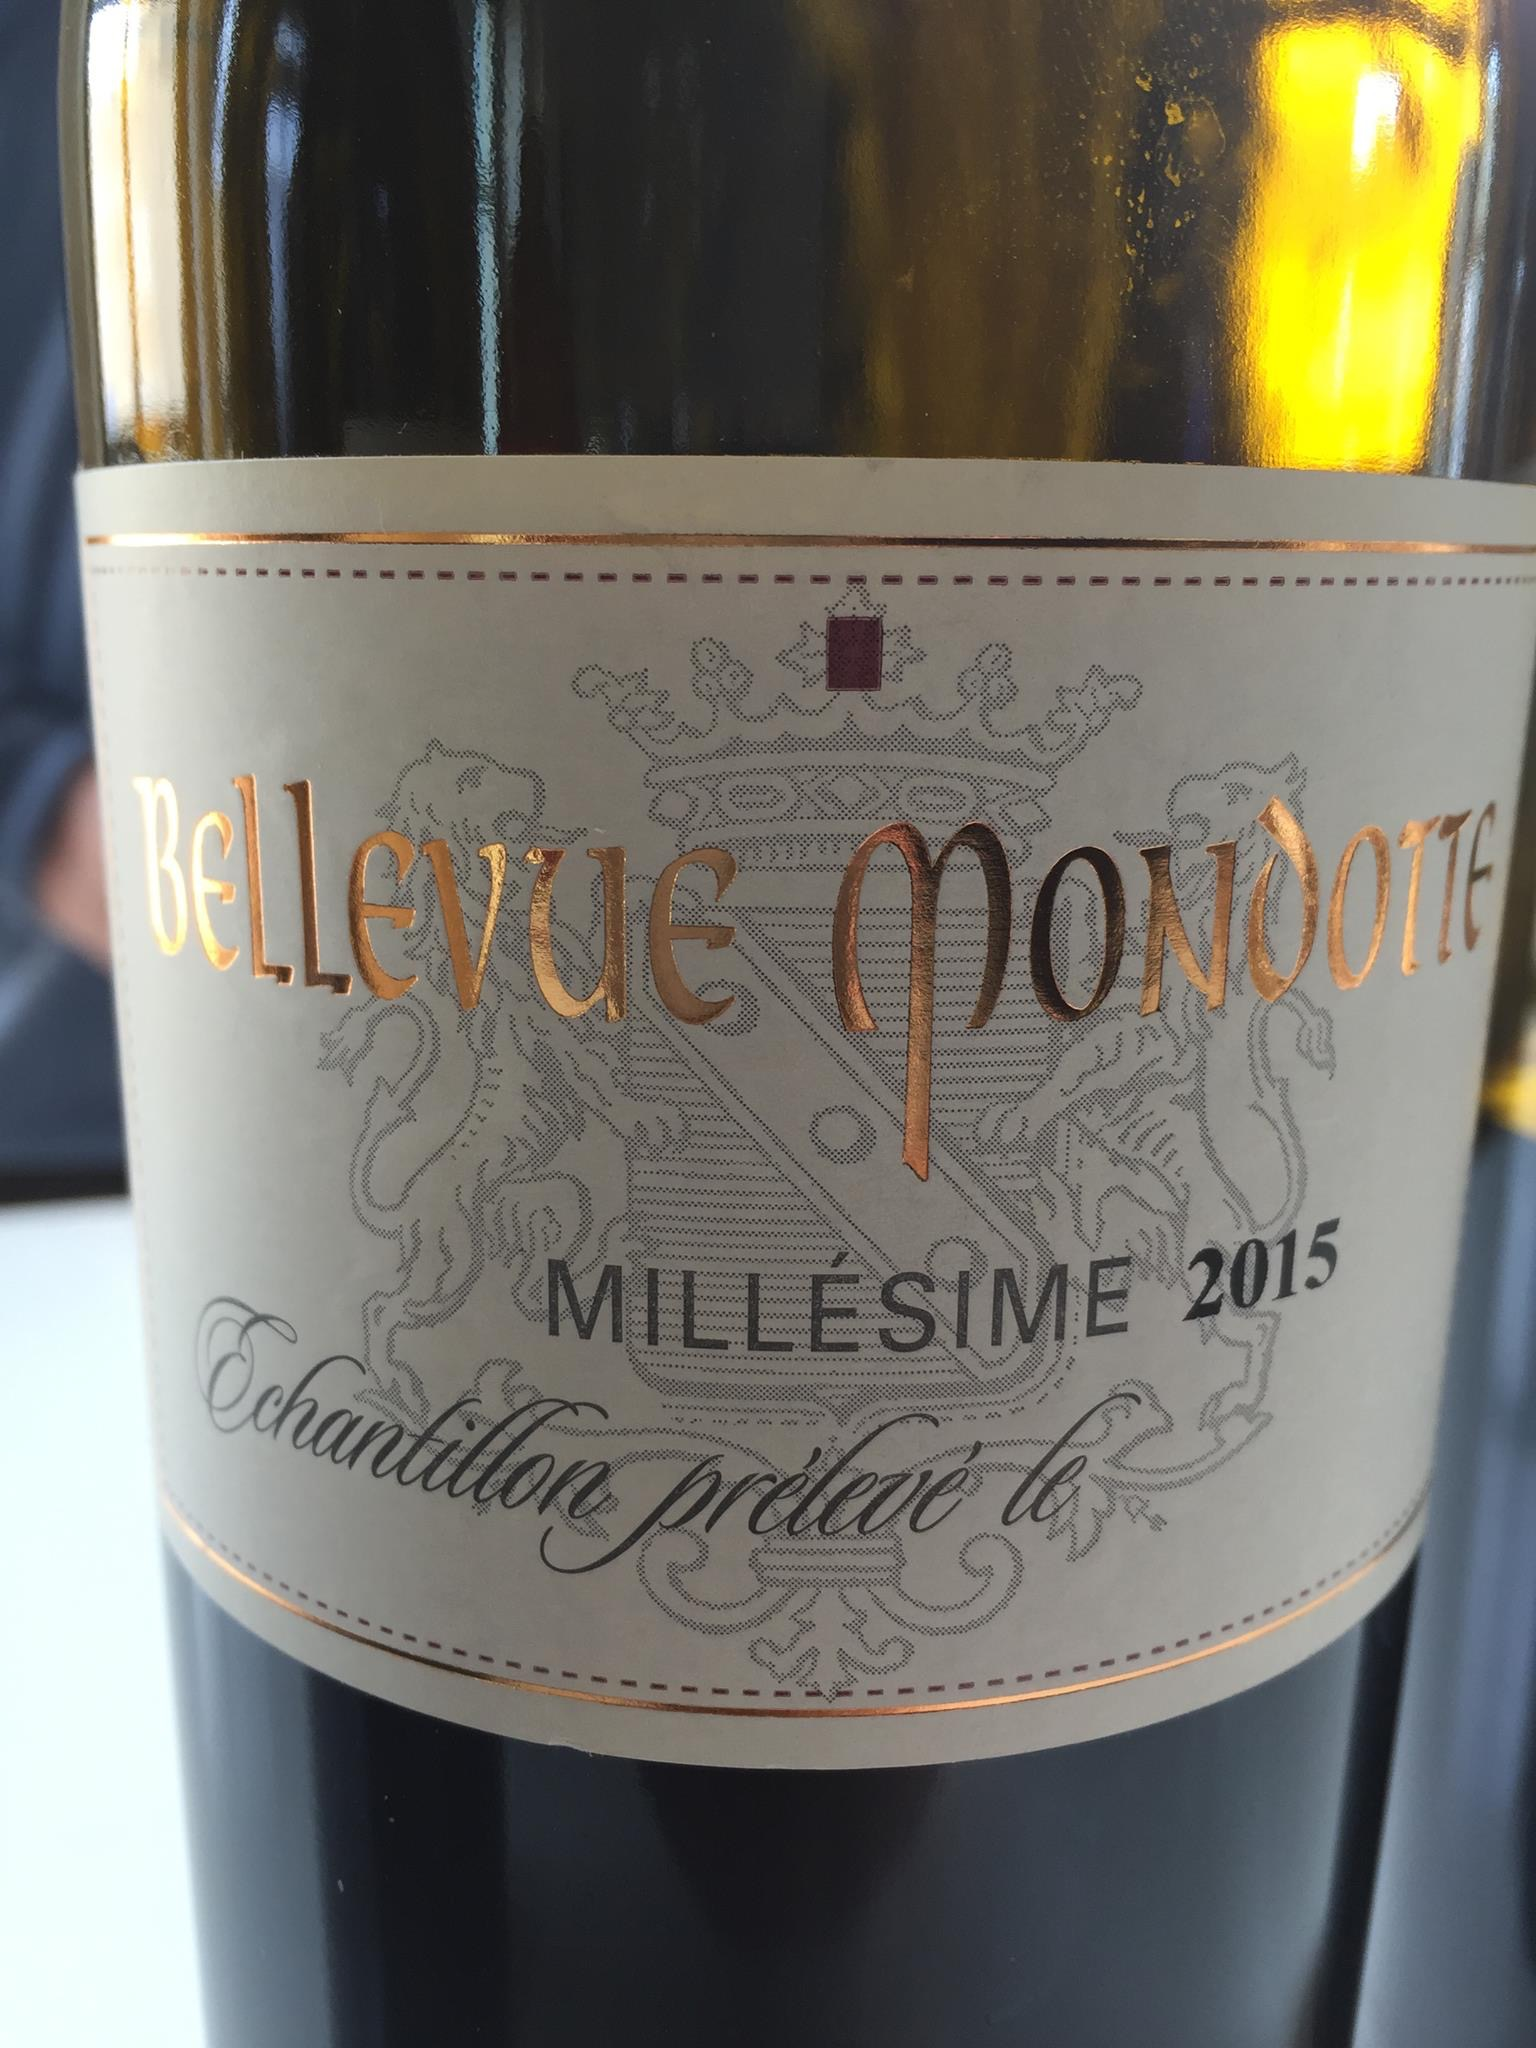 Château Bellevue Mondotte 2015 – Saint-Emilion Grand Cru